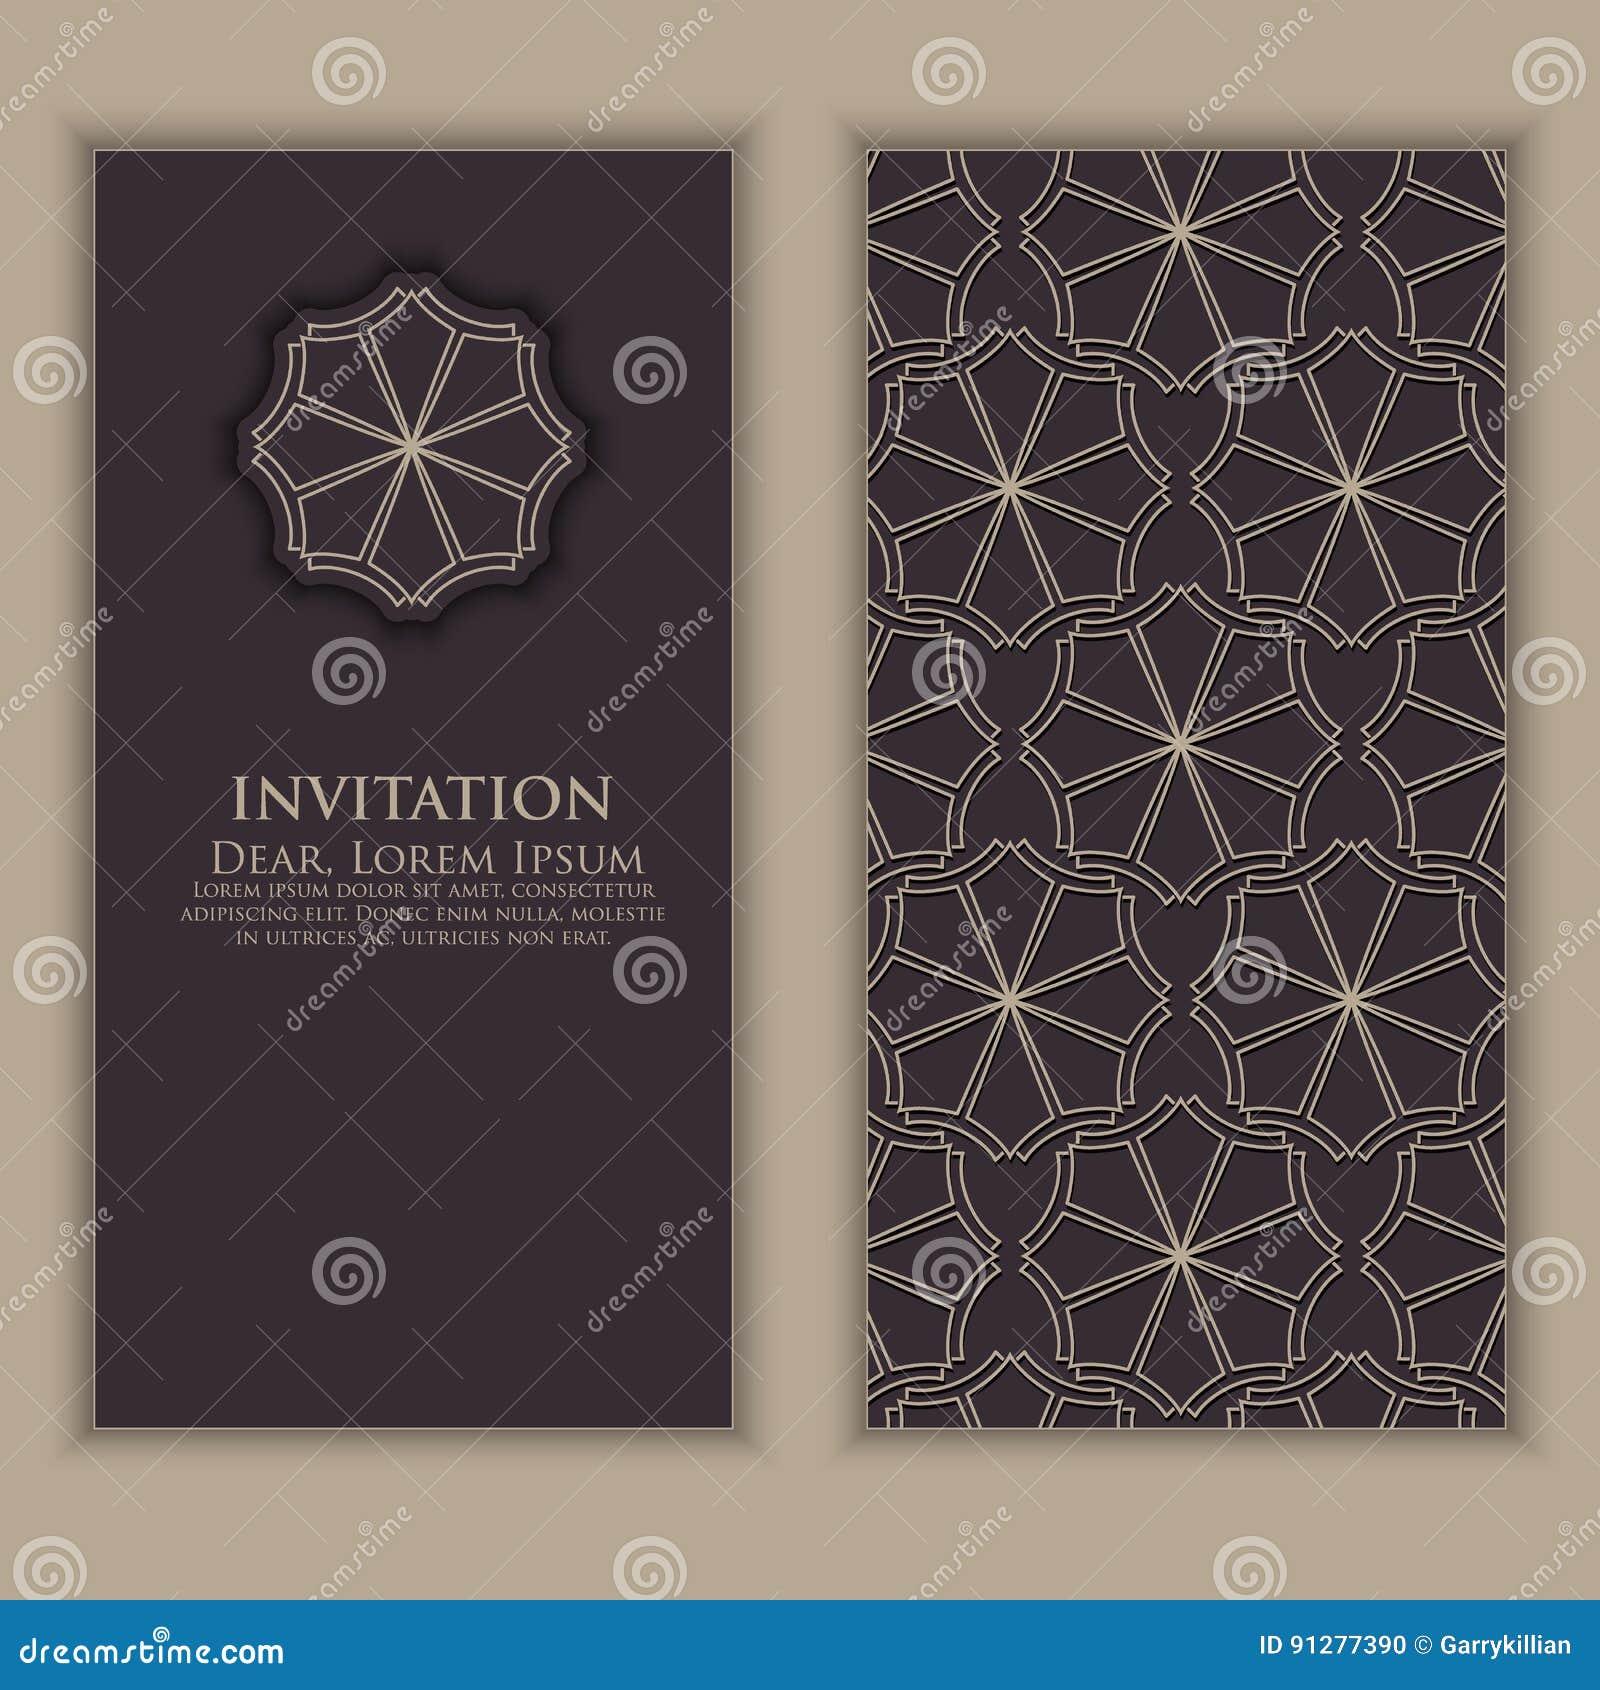 Invitation Cartes Avec Les Lments Ethniques Darabesque Conception De Style Visite Professionnelle Fond Fleuri Lgant